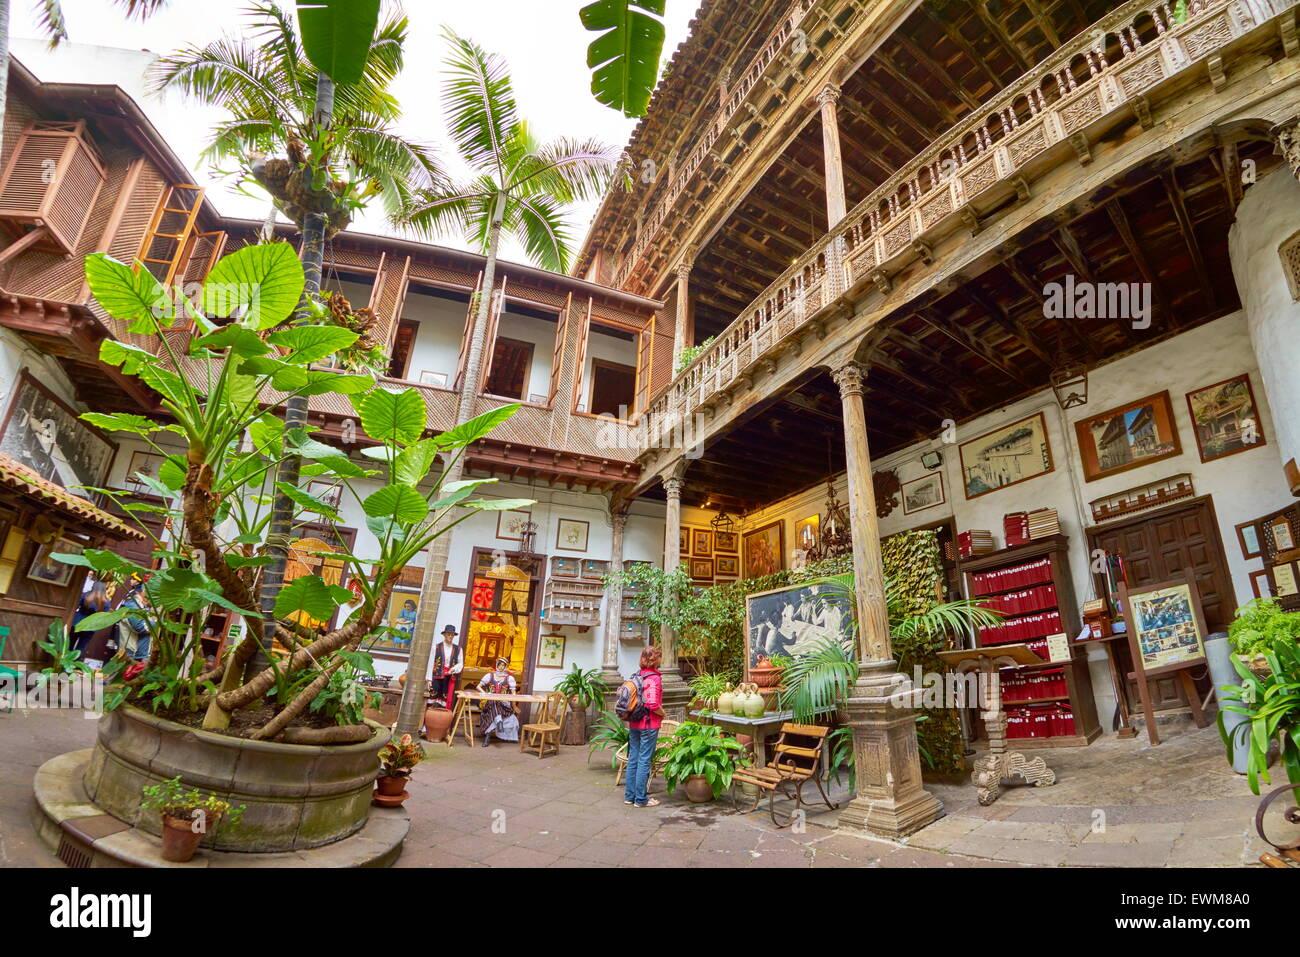 Casa de los balcones la orotava tenerife canary islands for Casa de los